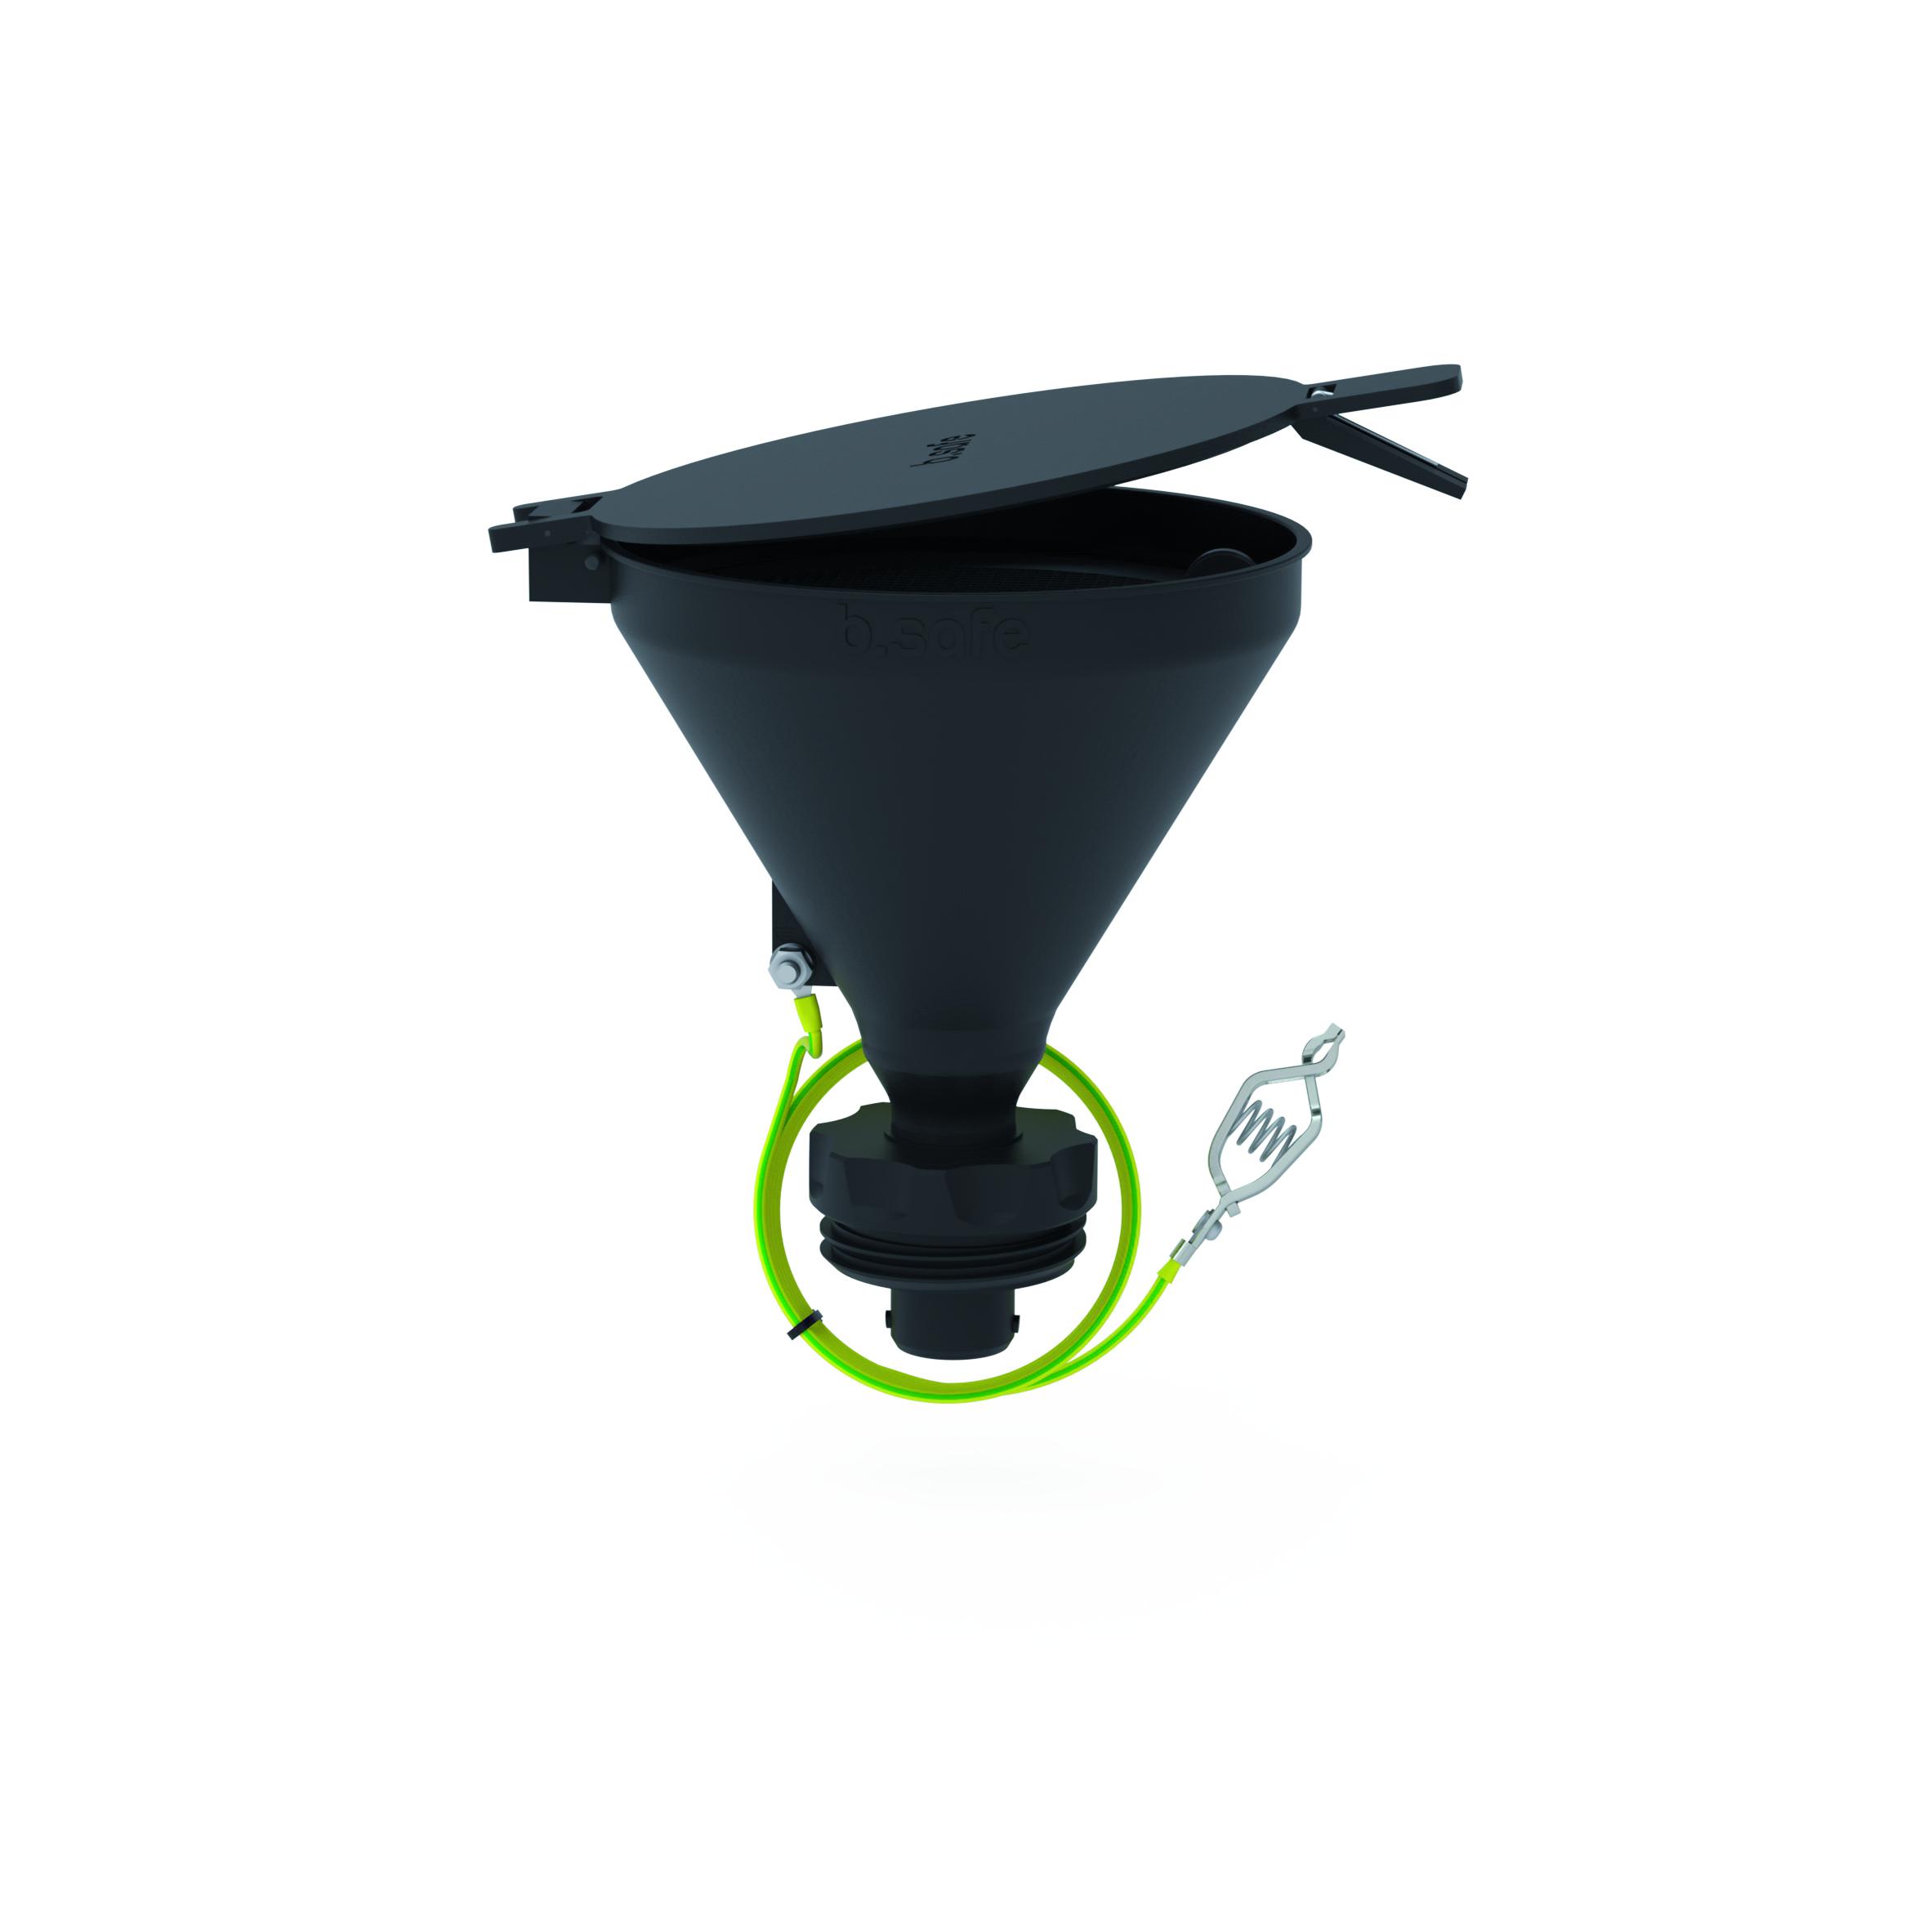 Trichter 180  Trichter aus PE bzw. ableitfähigem PE-EX zur Entsorgung von flüssigen Abfällen. Mit der frei dre